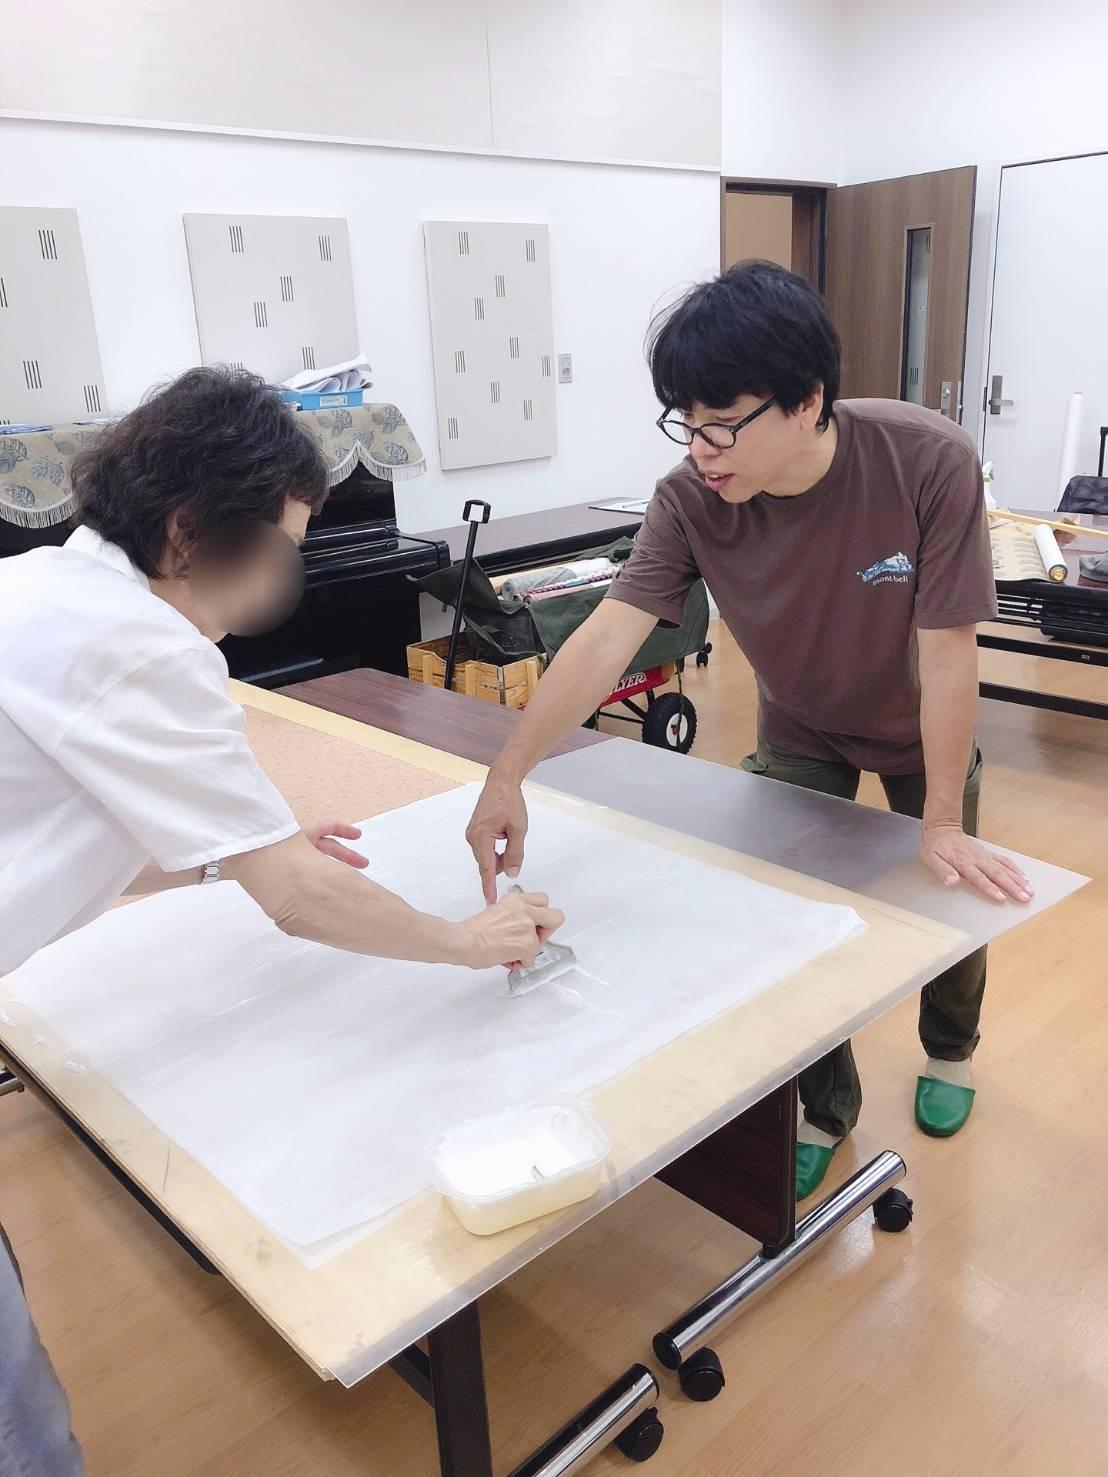 【三木校】通期:楽しい表装セミナー・日曜クラス 20/06/07~20/11/01